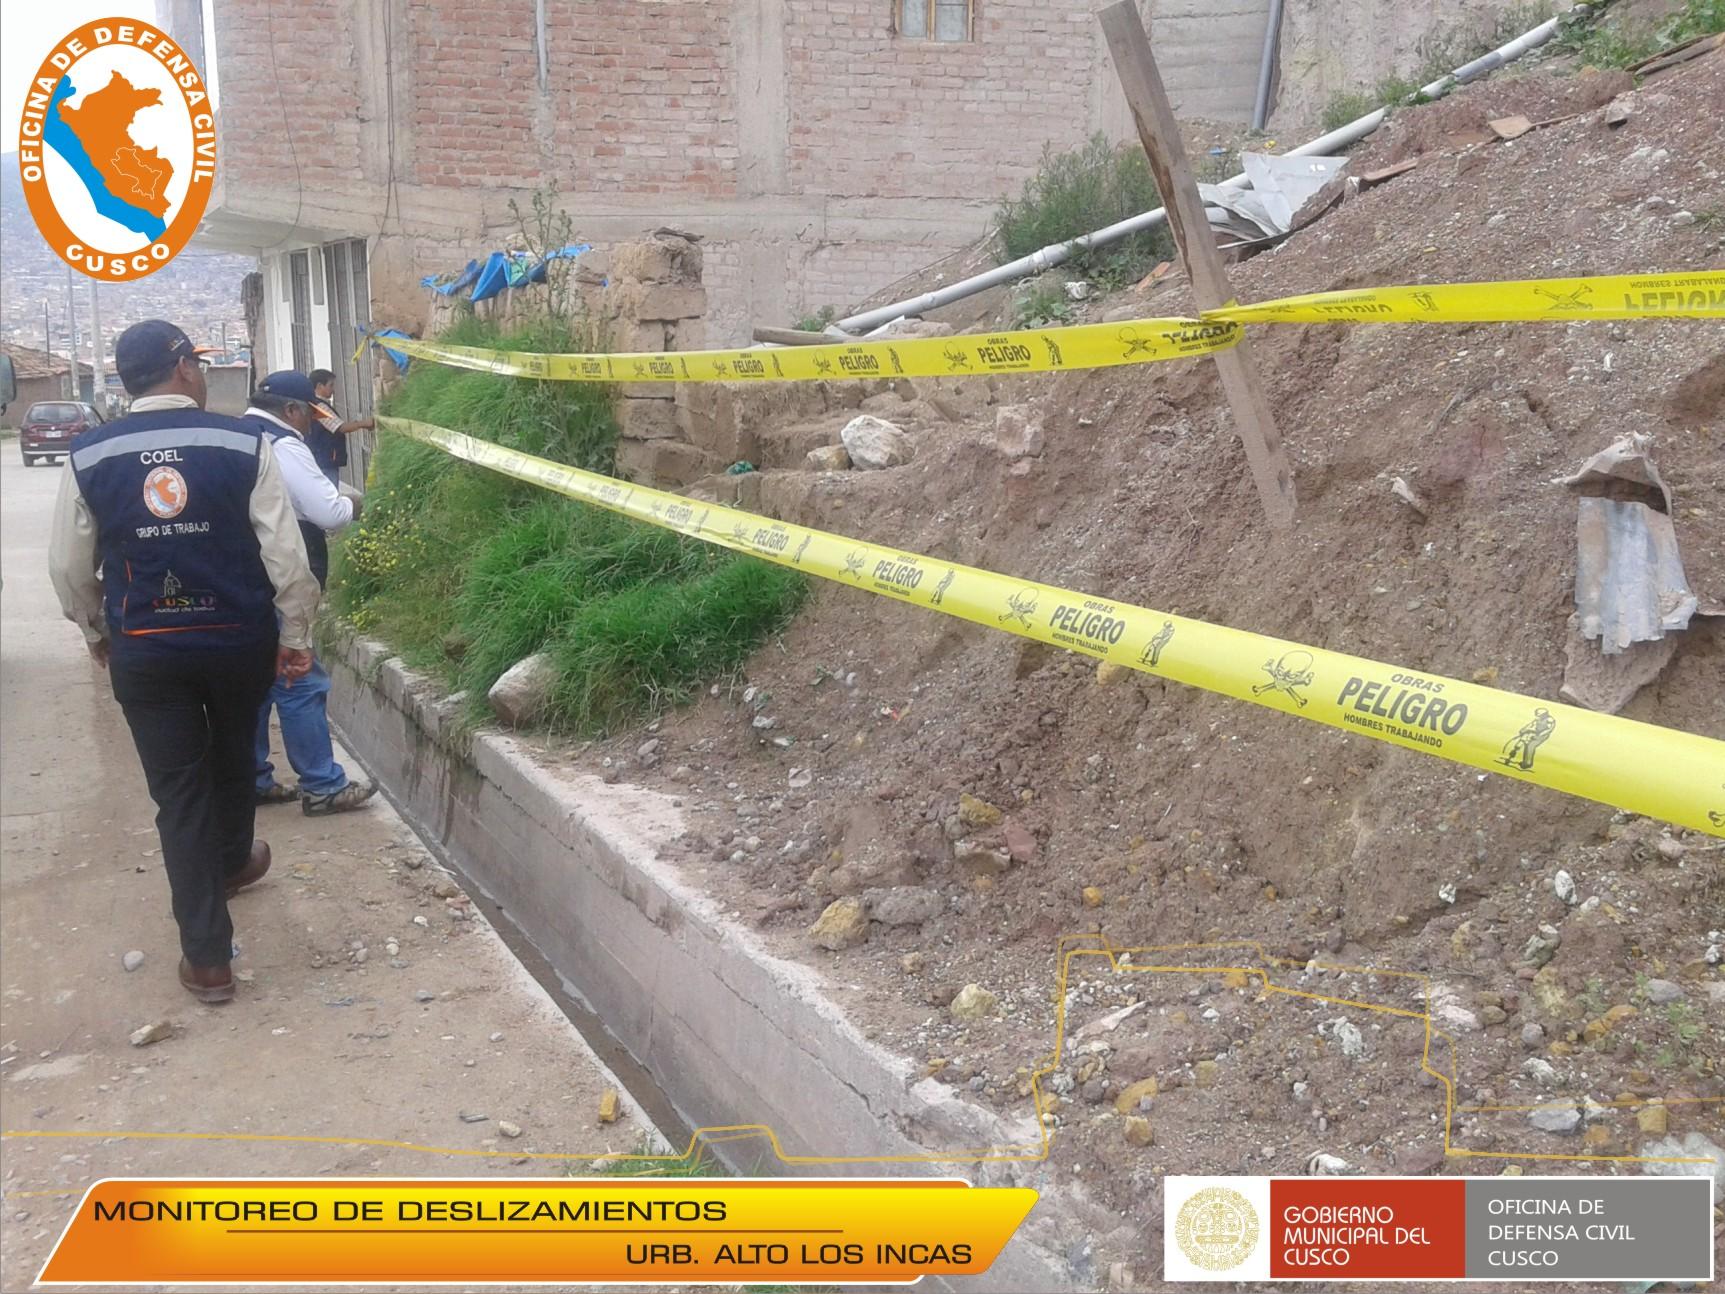 CONTINÚAN ACCIONES DE PREVENCIÓN POR DESLIZAMIENTOS EN DIFERENTES PUNTOS DE LA CIUDAD.